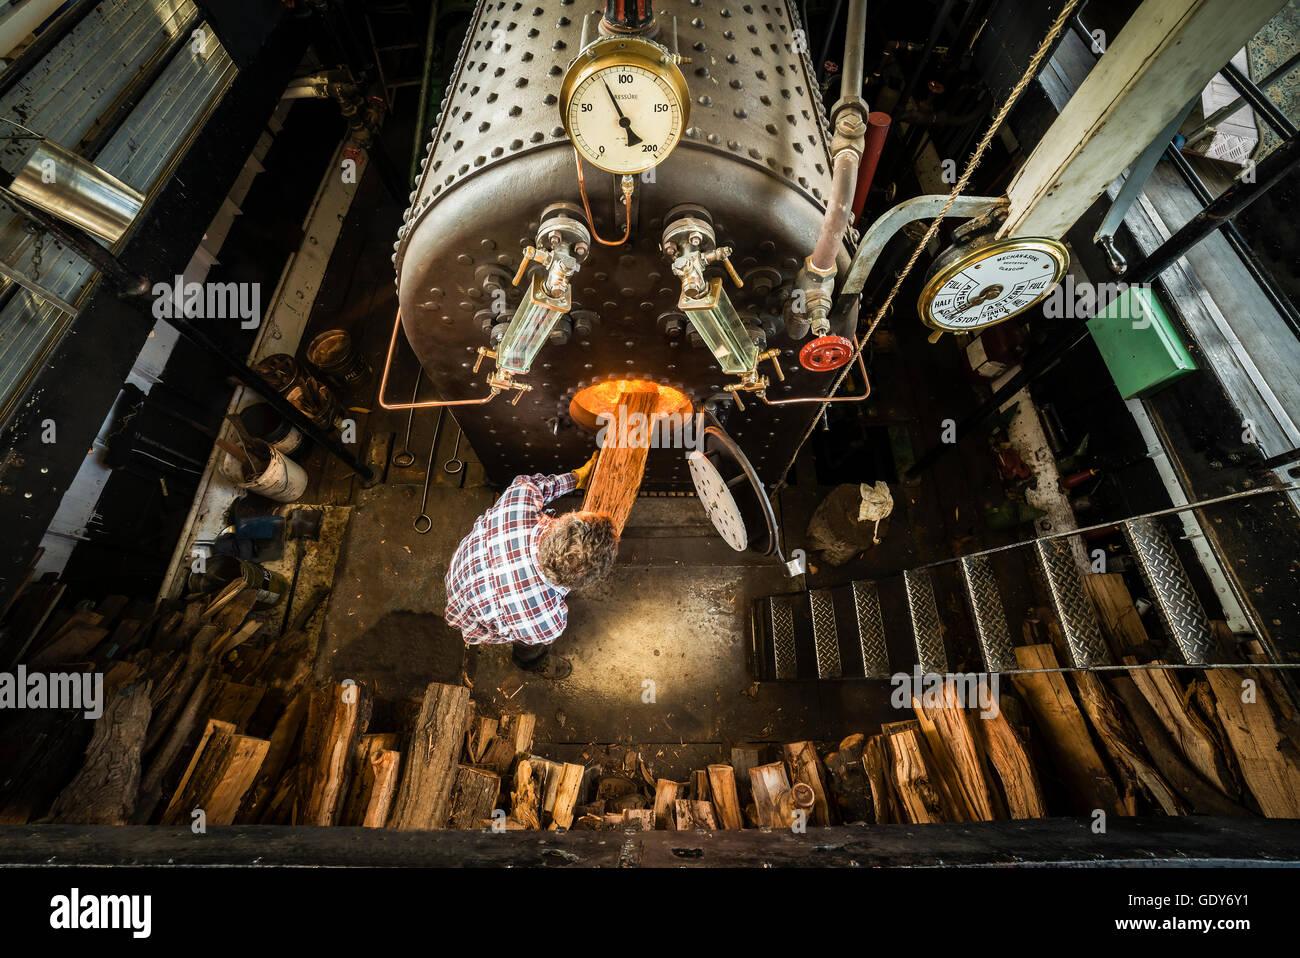 Ship Boiler Stockfotos & Ship Boiler Bilder - Alamy